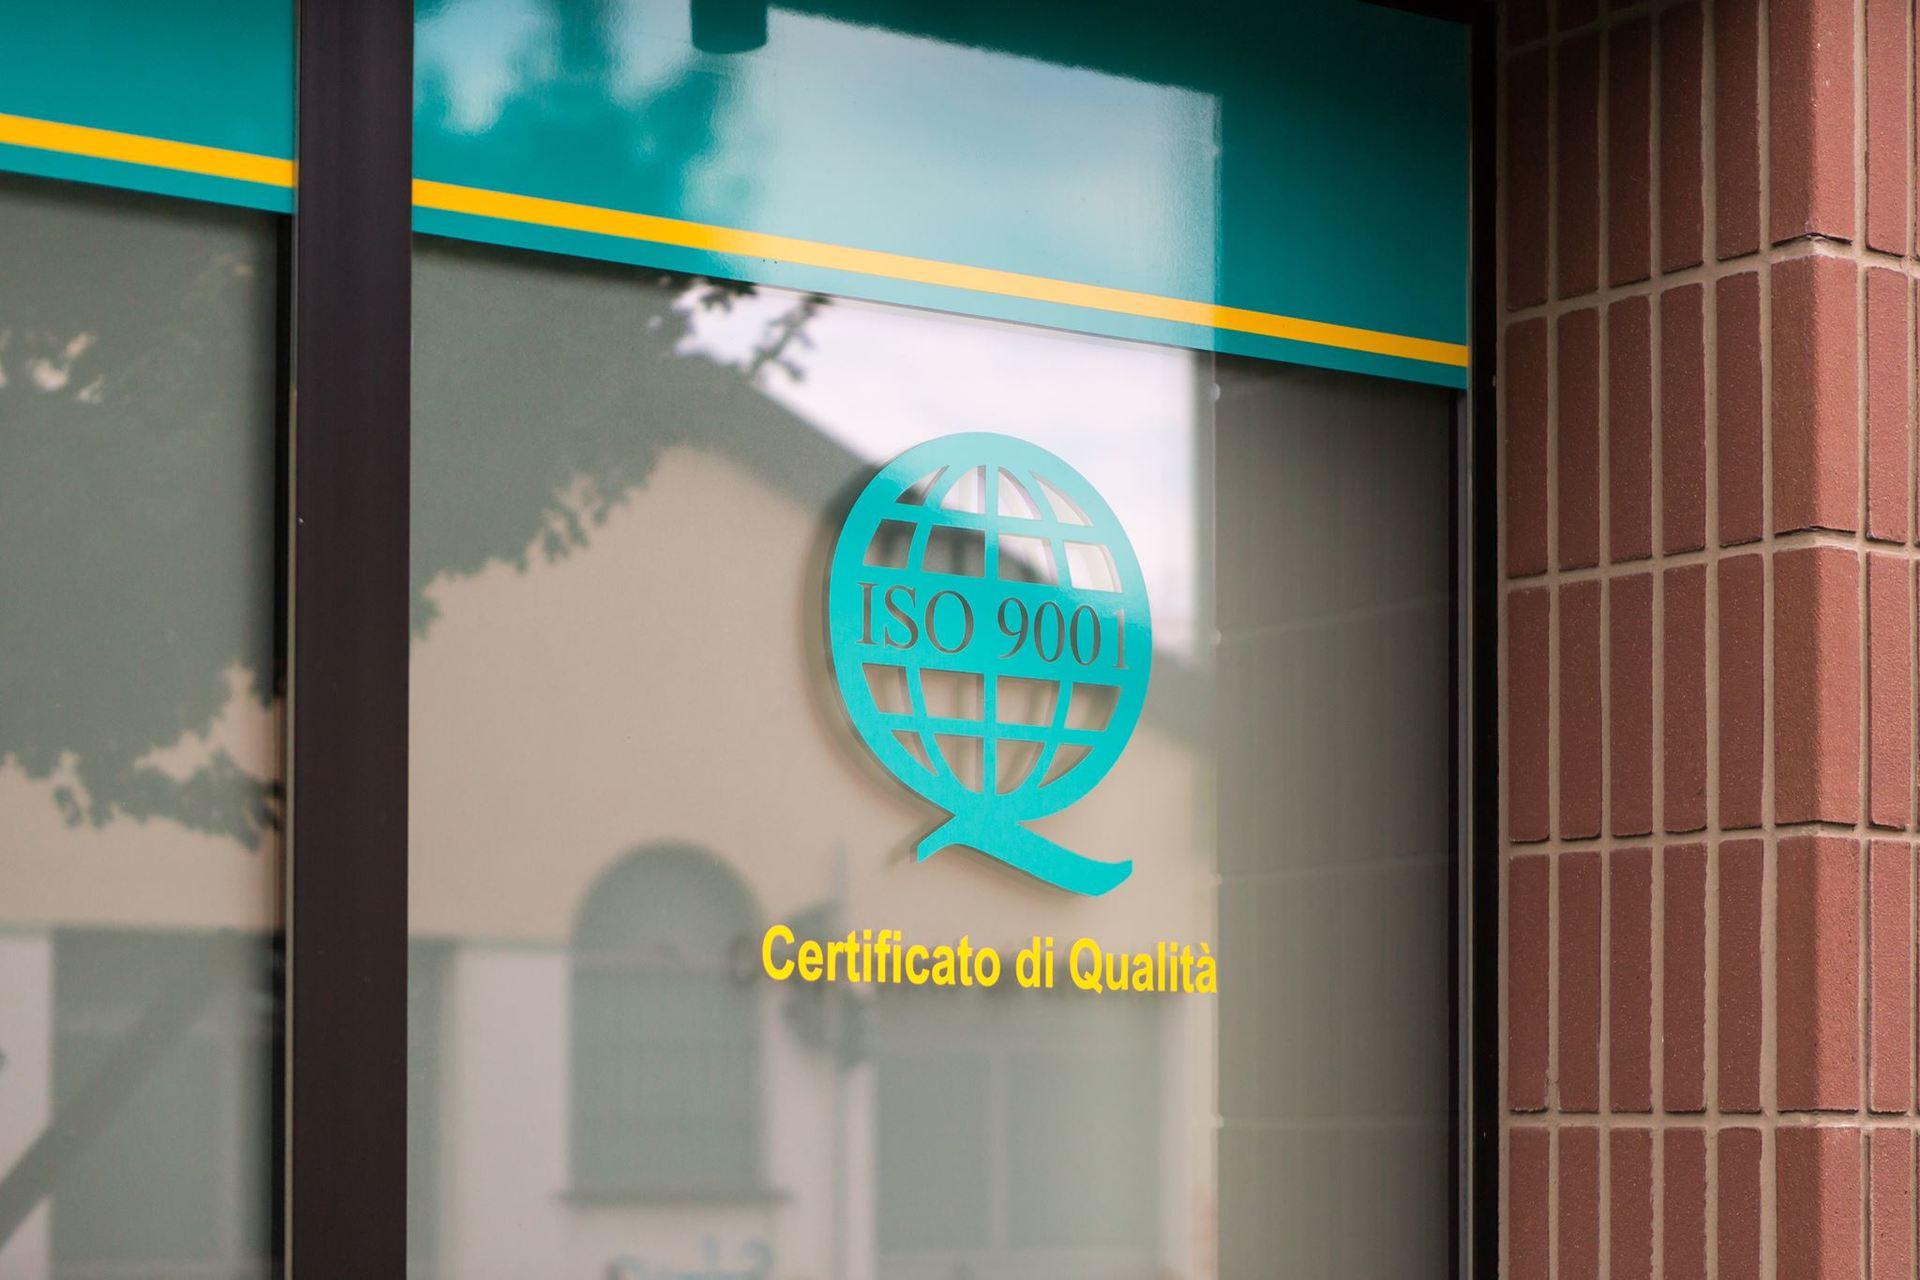 studio dentistico certificato